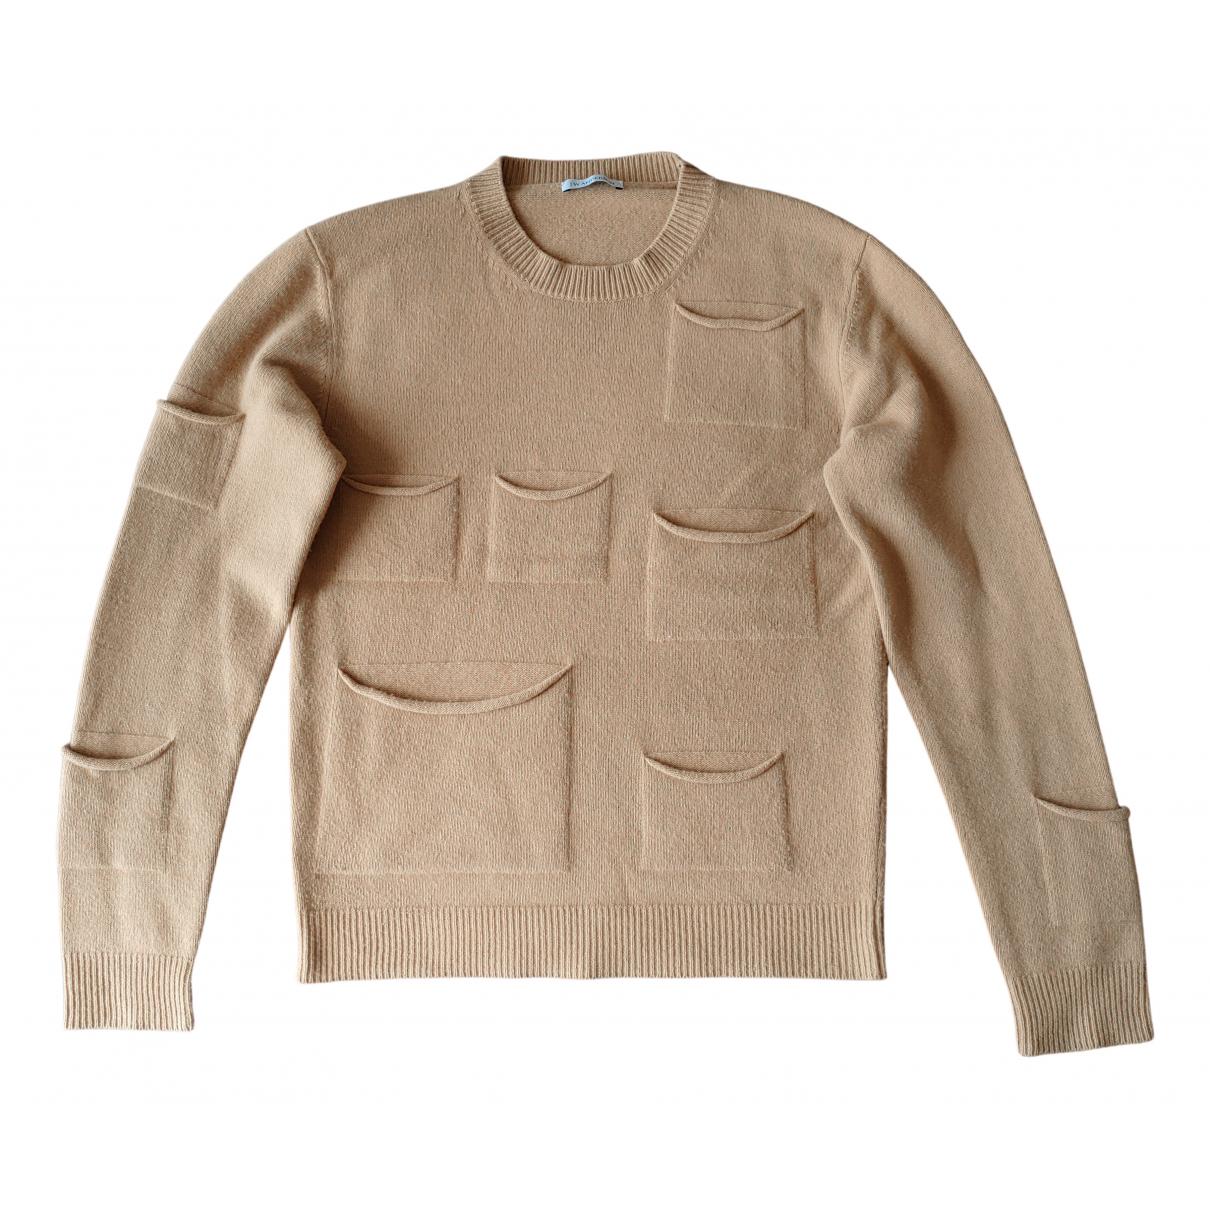 J.w. Anderson \N Beige Wool Knitwear & Sweatshirts for Men M International